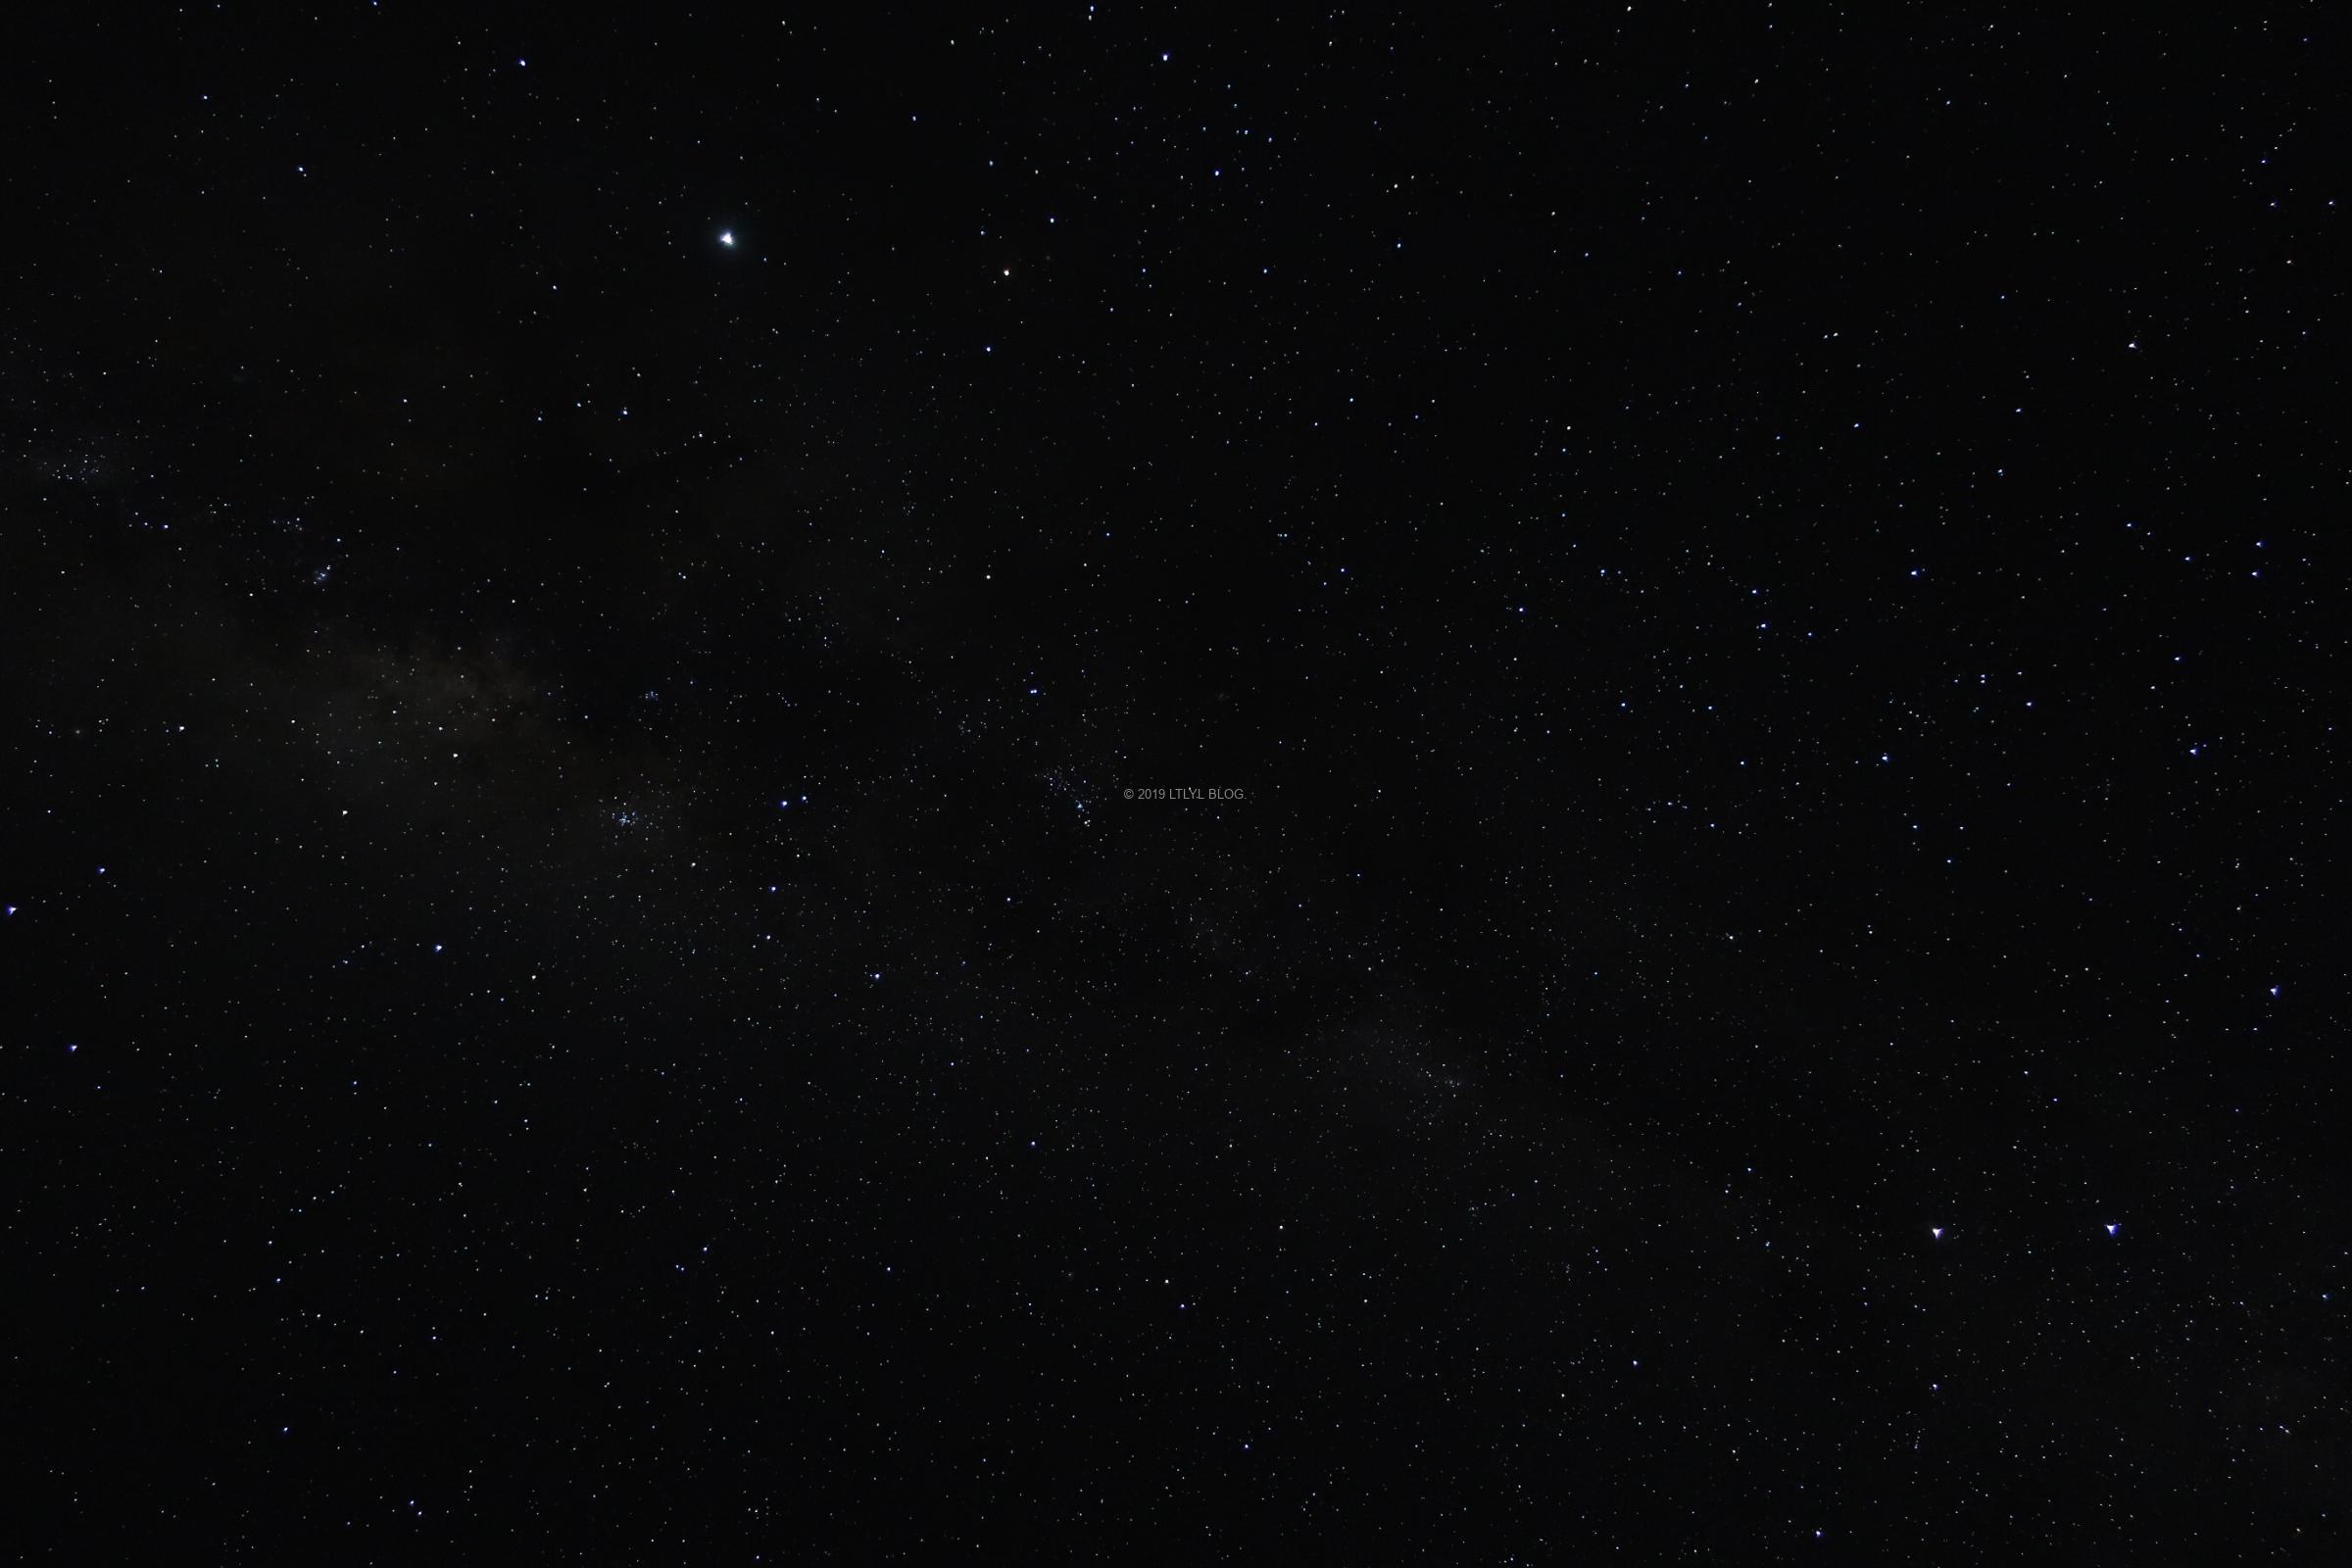 クライストチャーチから見える星